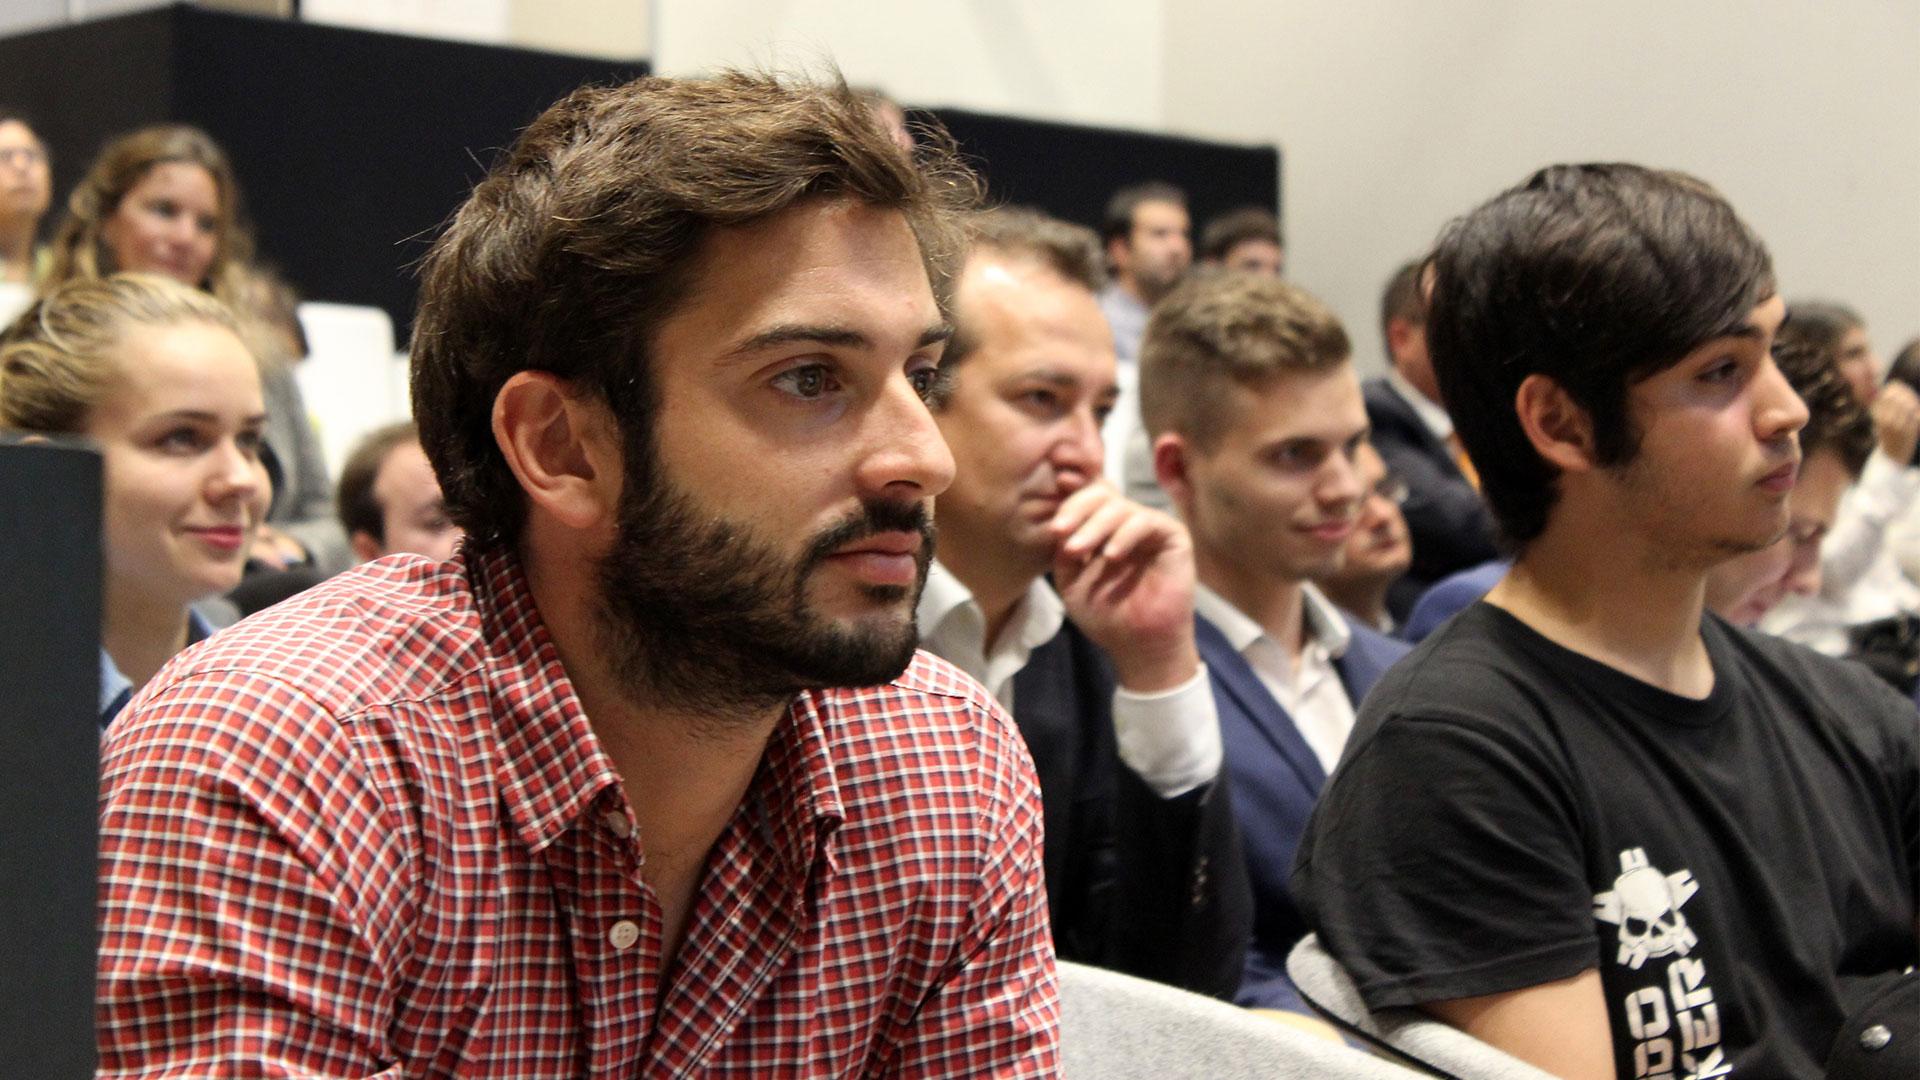 tpnet-small-smart-2016-evento-startups-publico-detalle-01